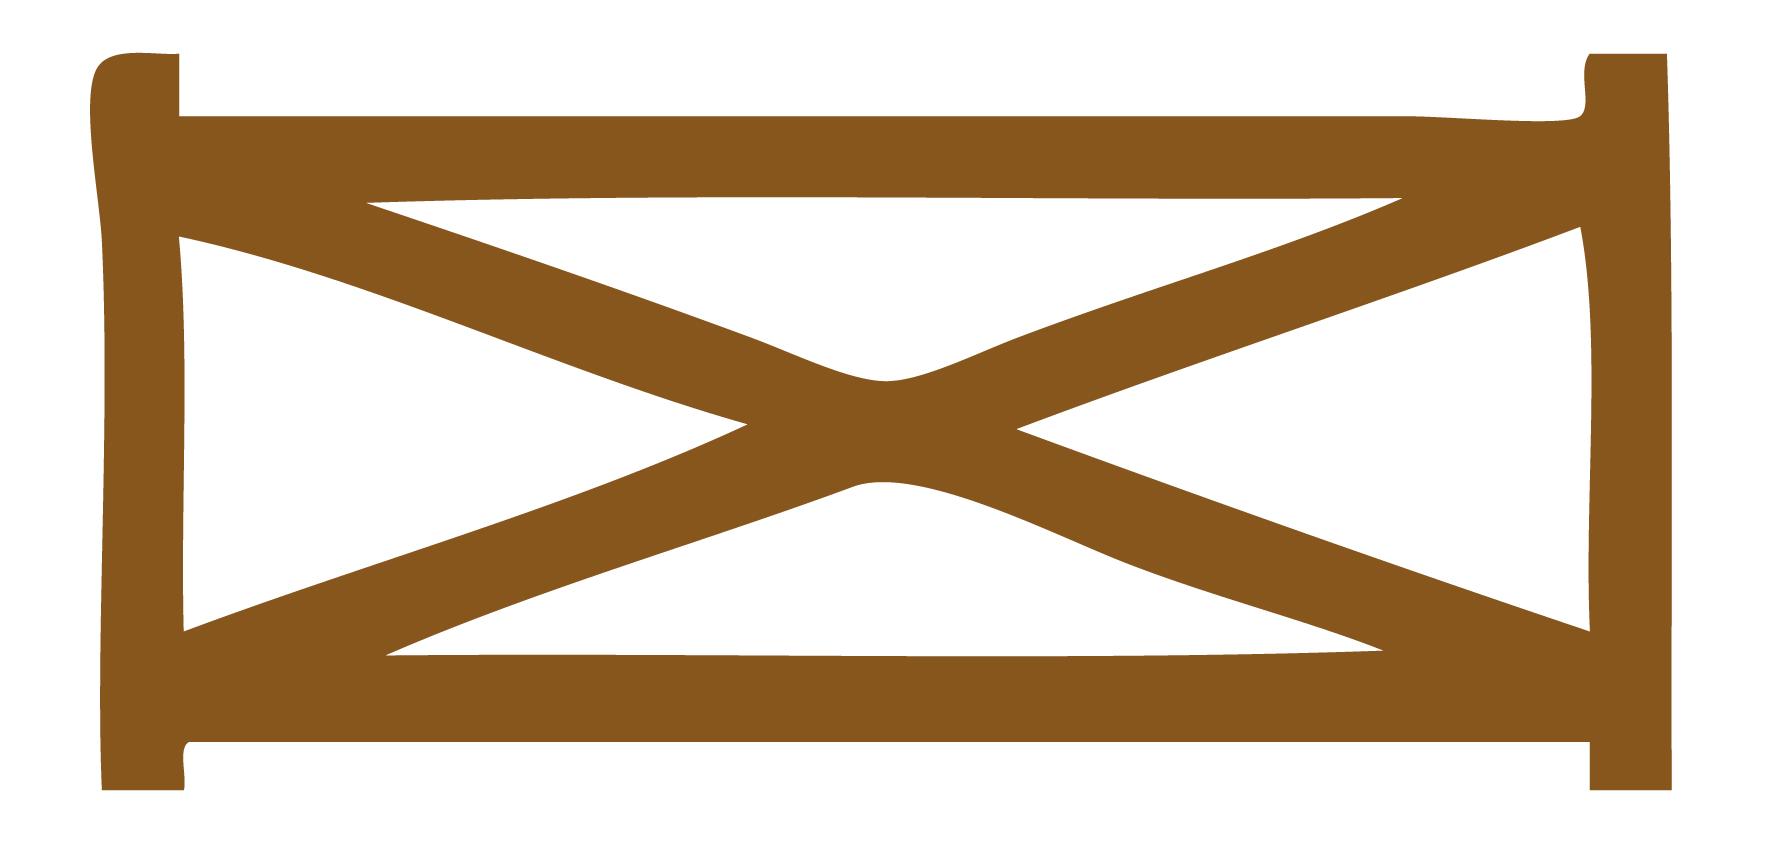 1772x844 Barn Clipart Fence